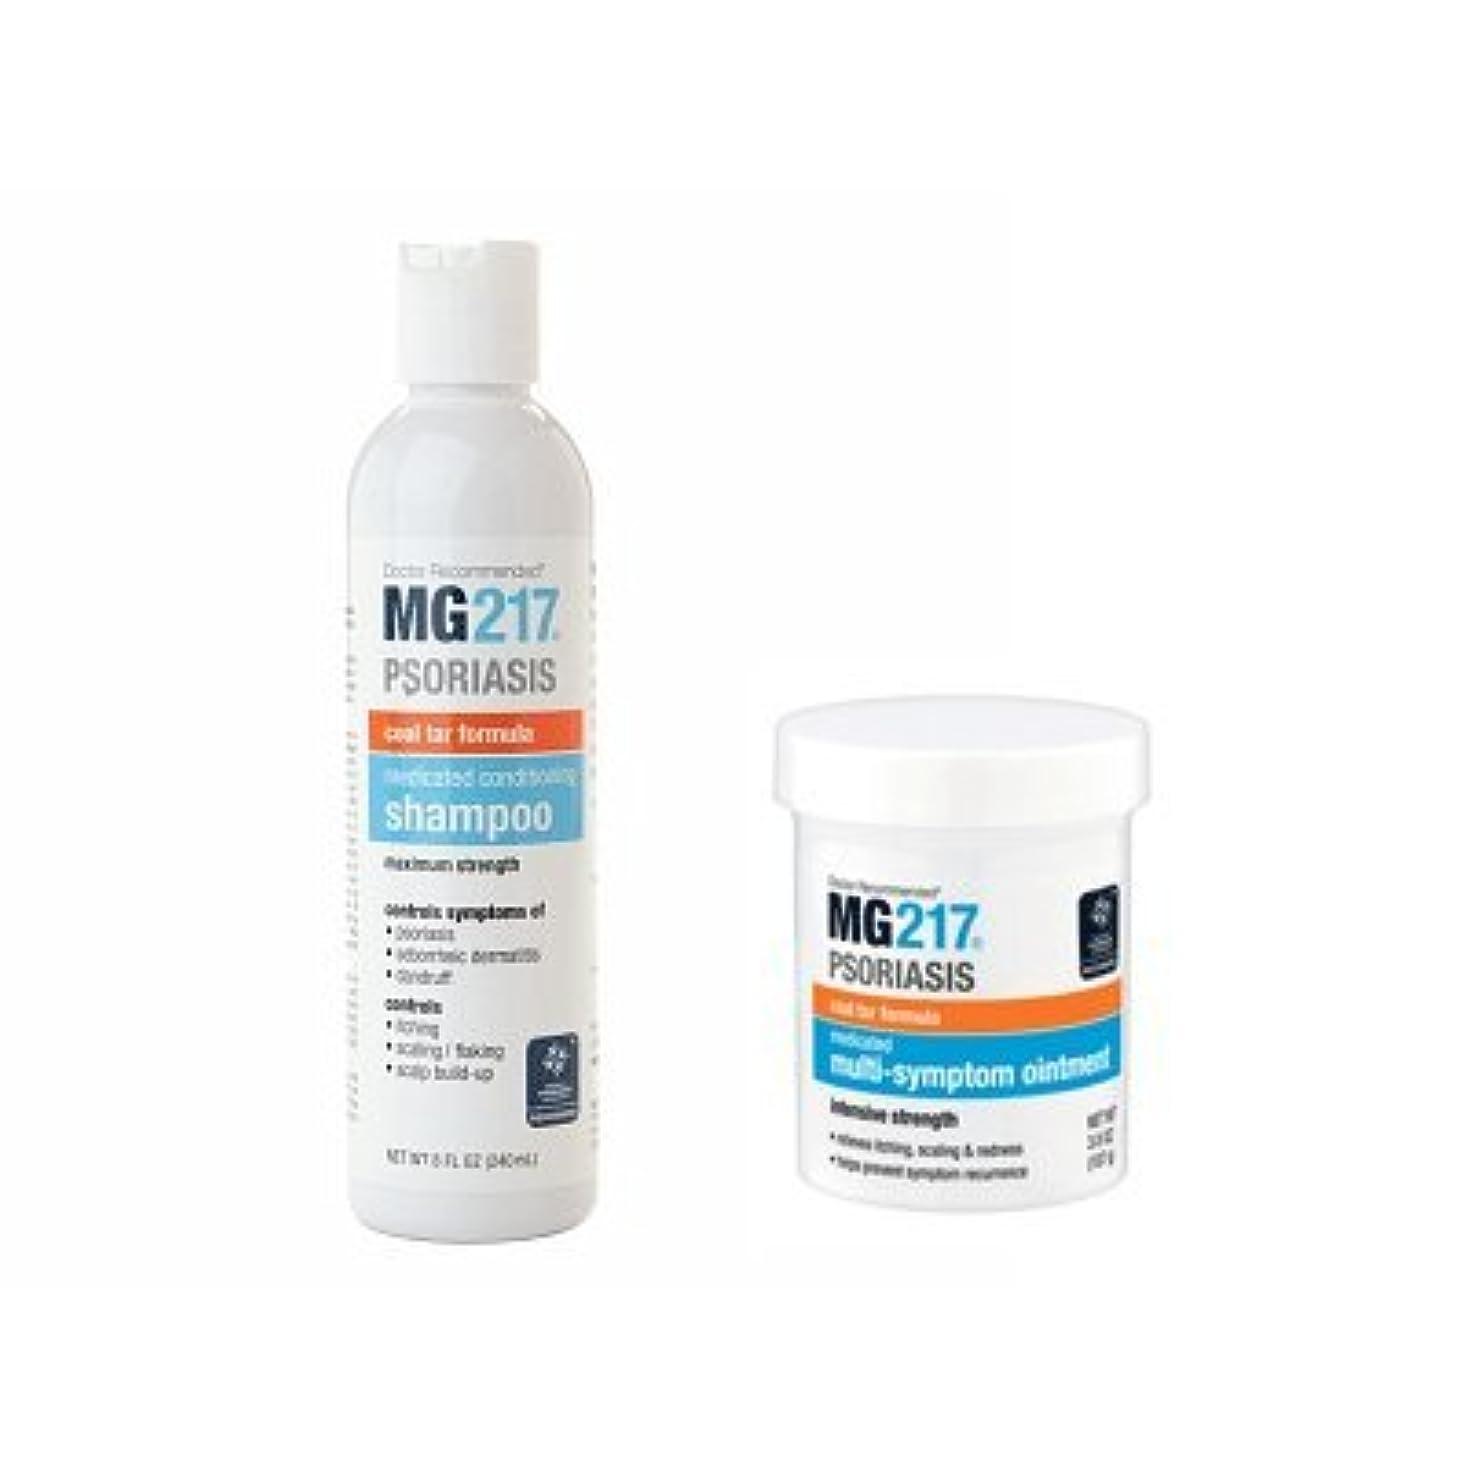 変動する舗装ミスペンドMG217 シャンプー&軟膏セット 240ml/107ml Psoriasis Medicated Conditioning Shampoo,Ointment set 海外直送品